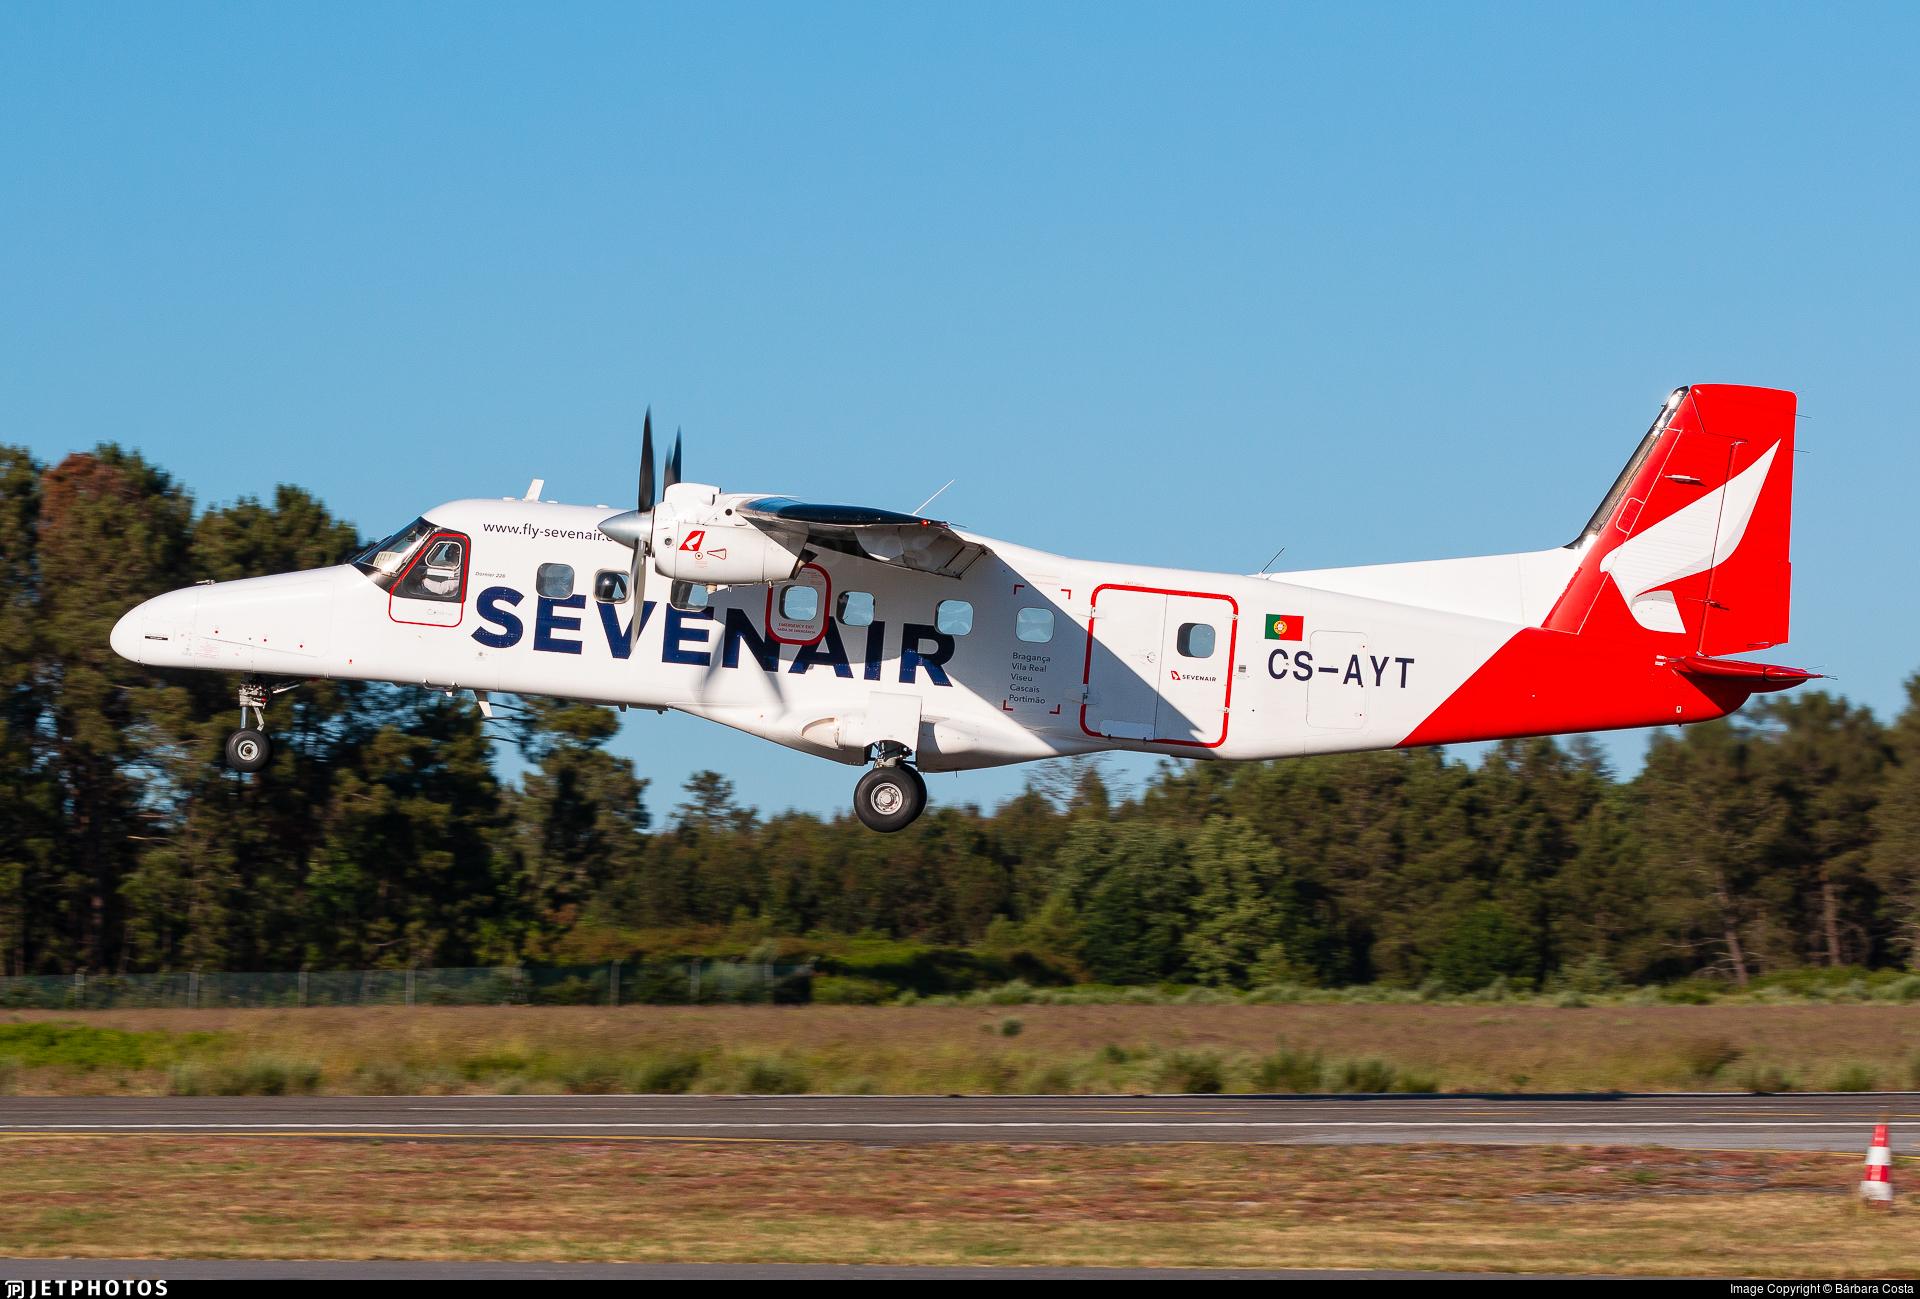 CS-AYT - Dornier Do-228-201 - Sevenair